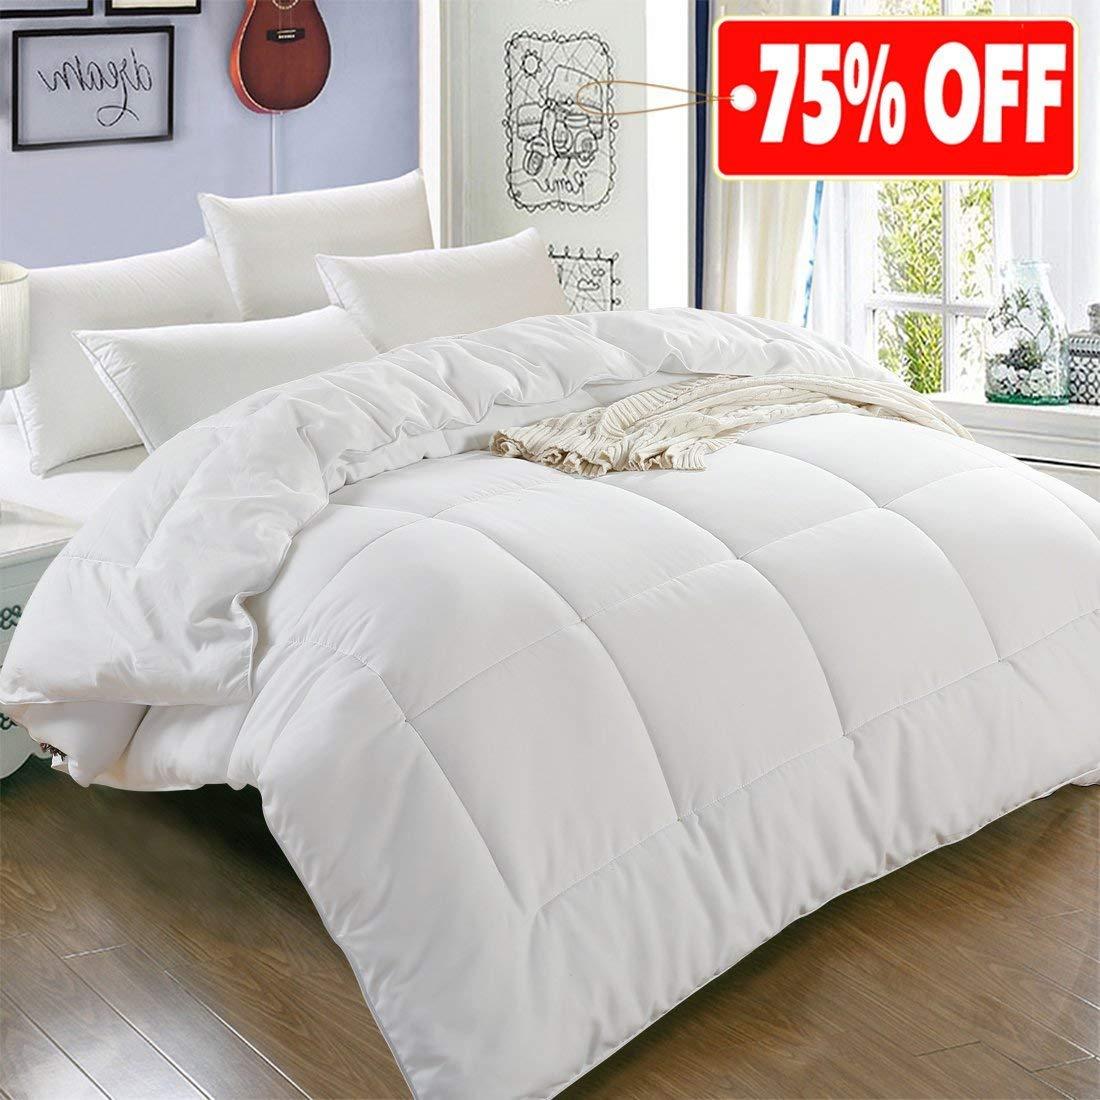 Duvet Insert & Stand-Alone Comforter - White